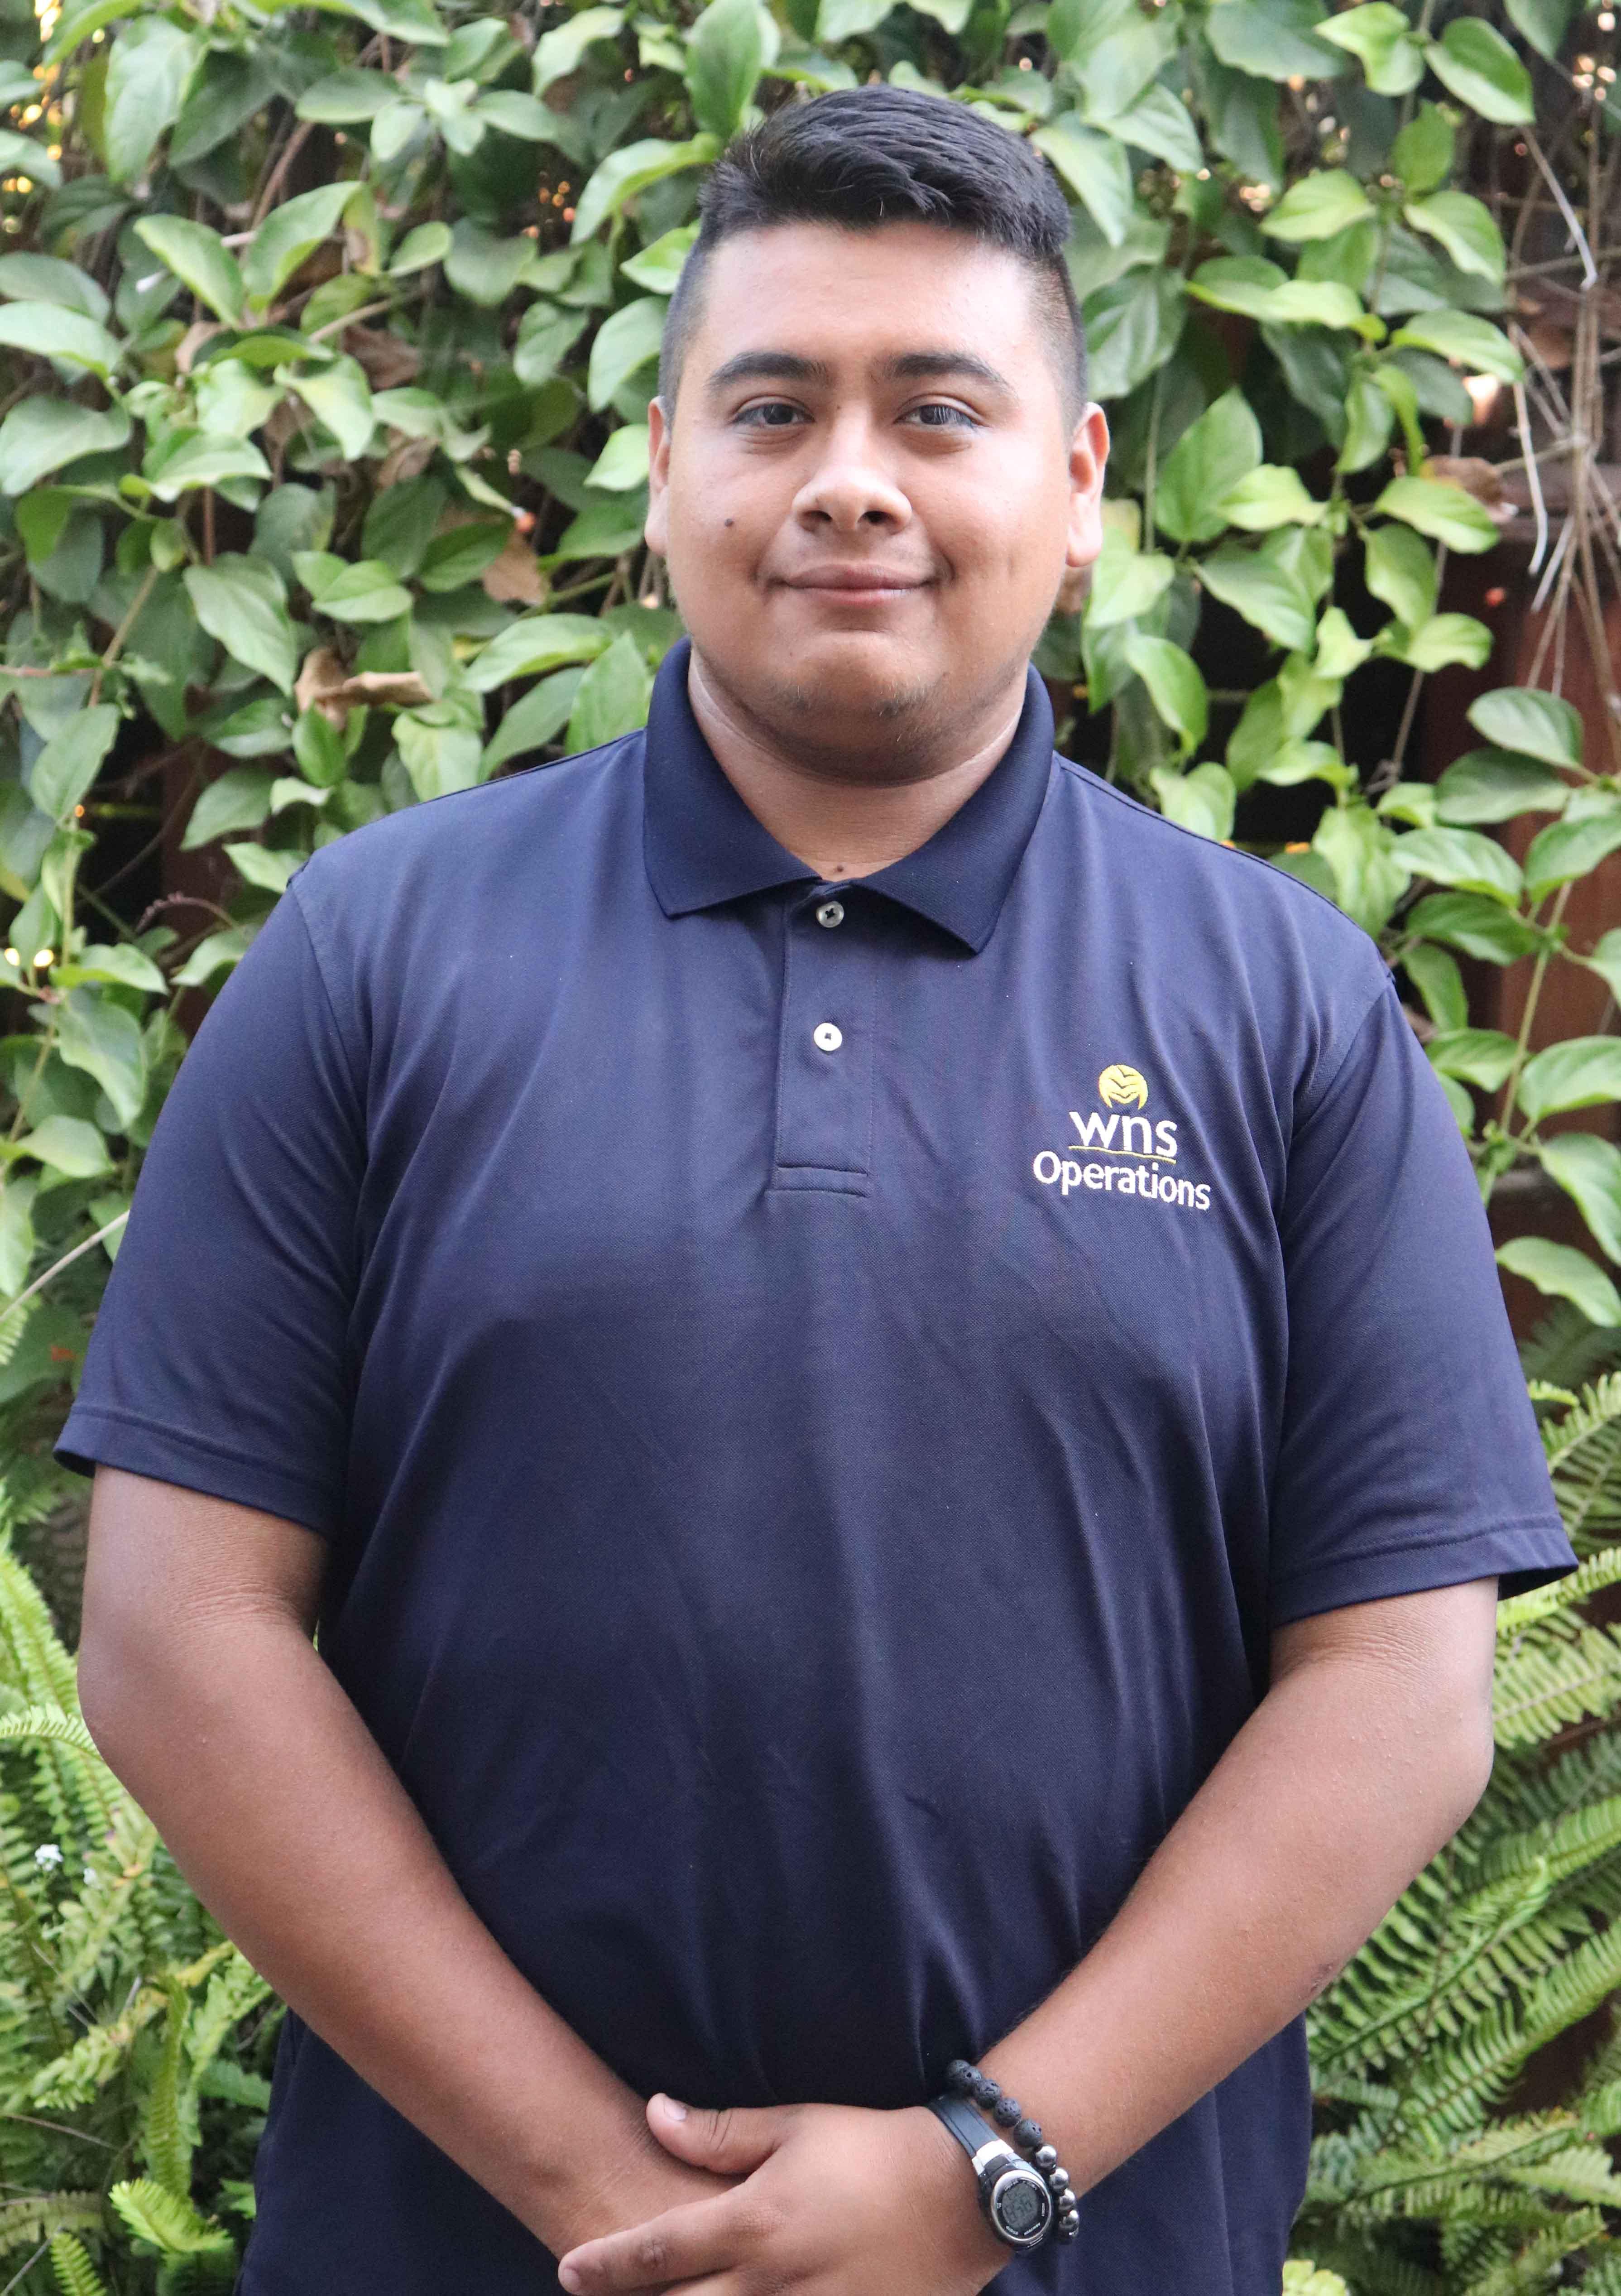 Chazaq Hernandez : Operations Staff